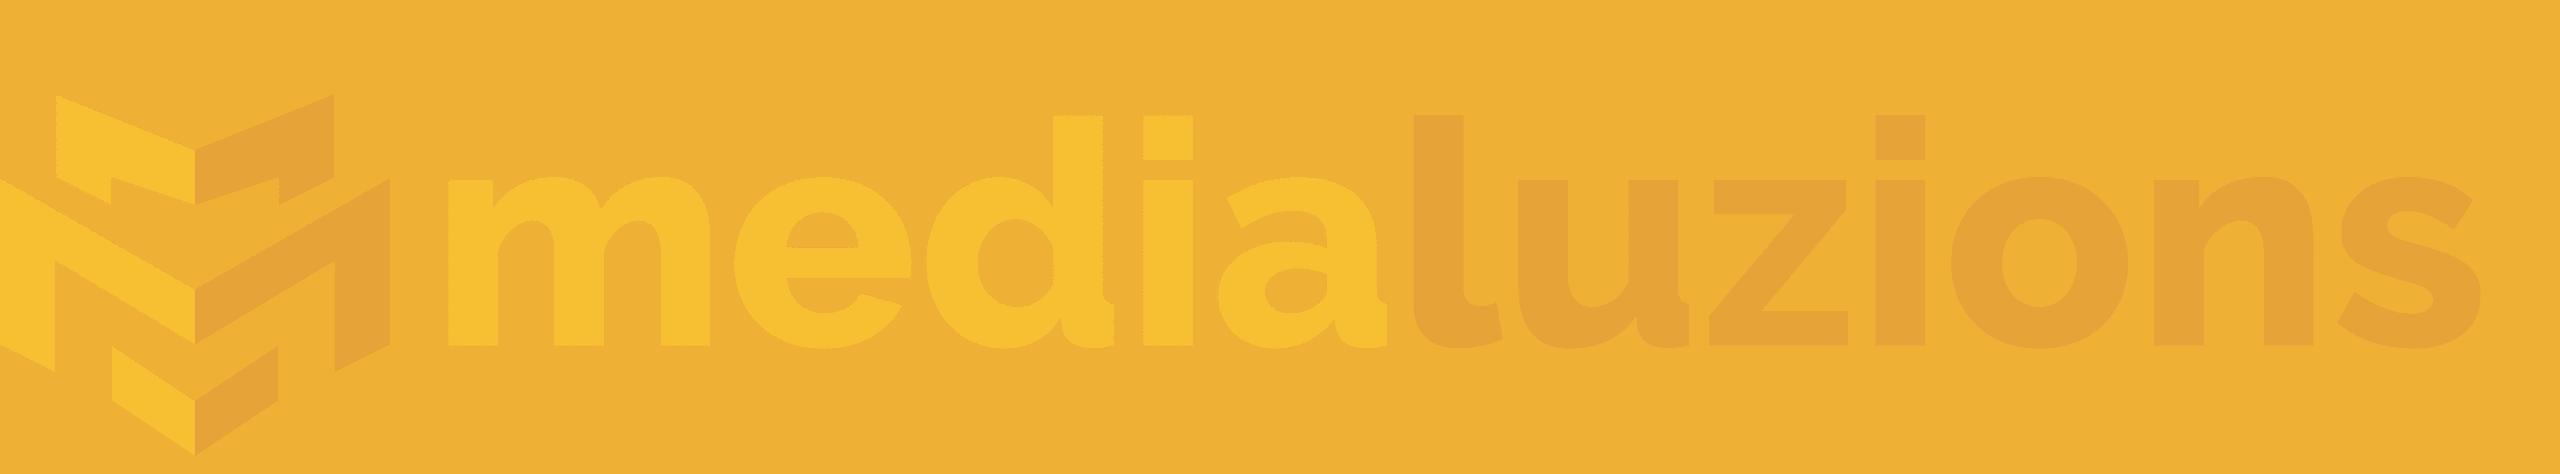 Online Marketing Agentur Stuttgart | medialuzions